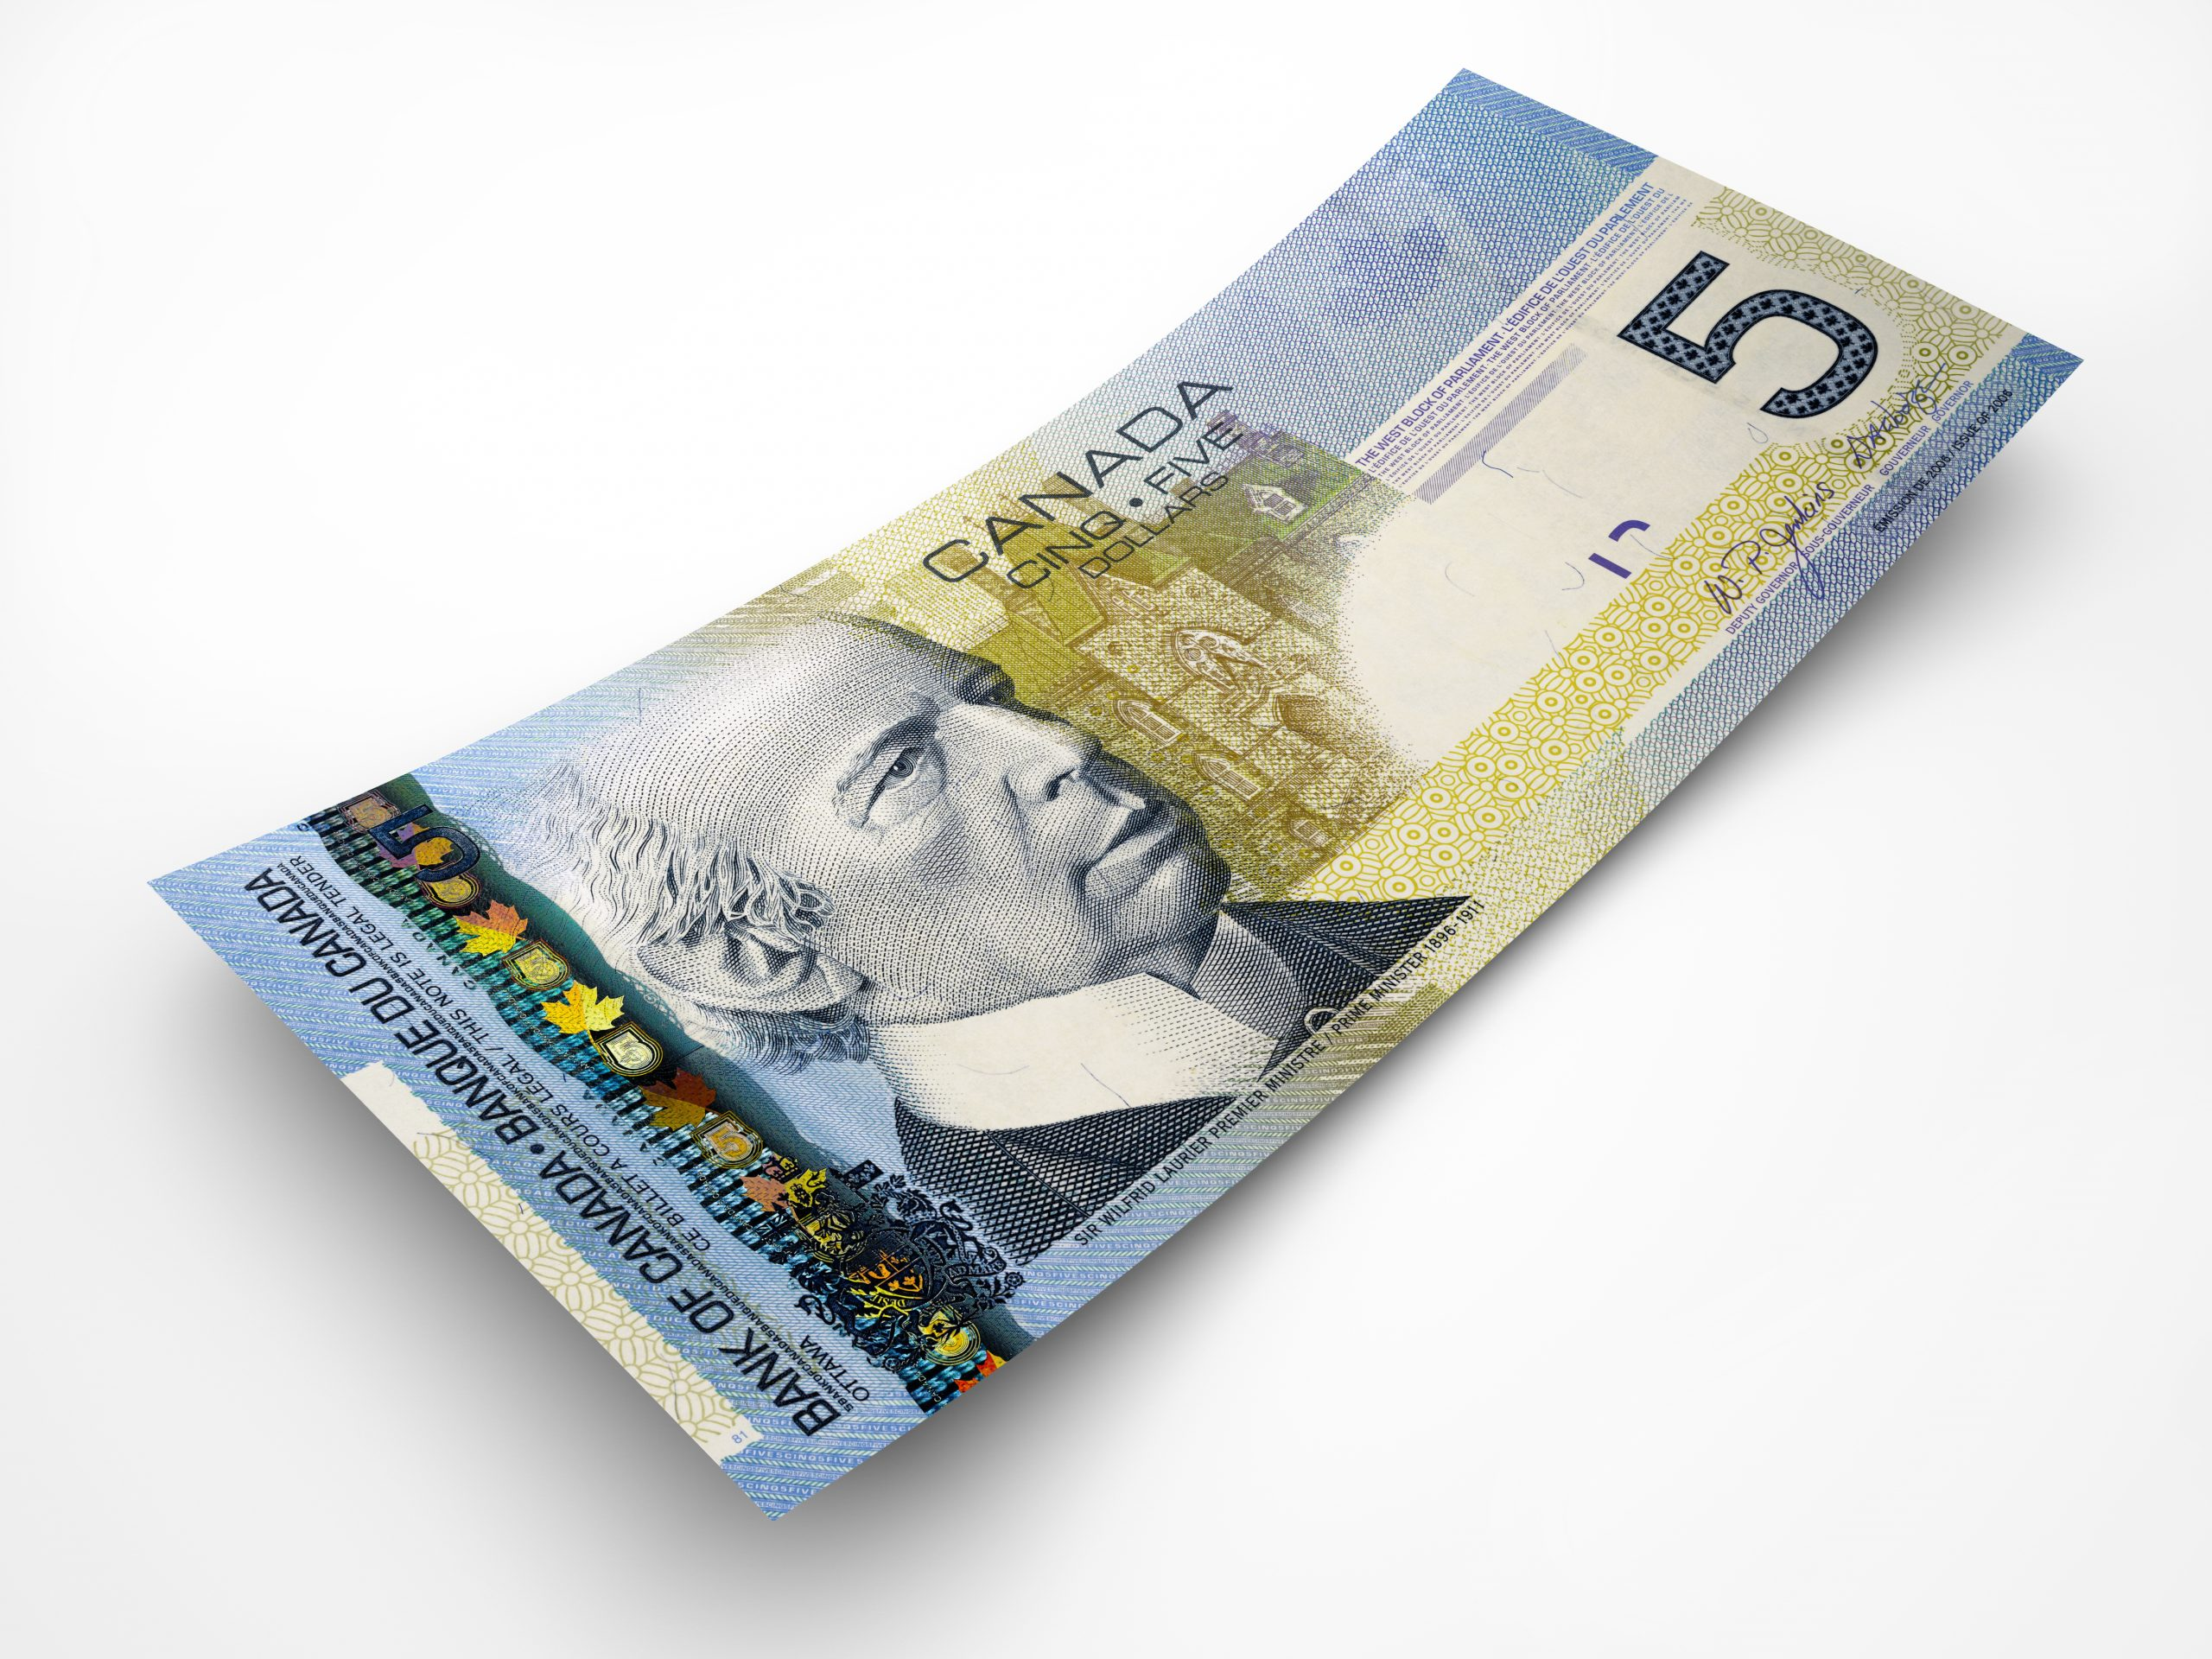 Bientôt un nouveau billet de 5 $ – RCI | Français